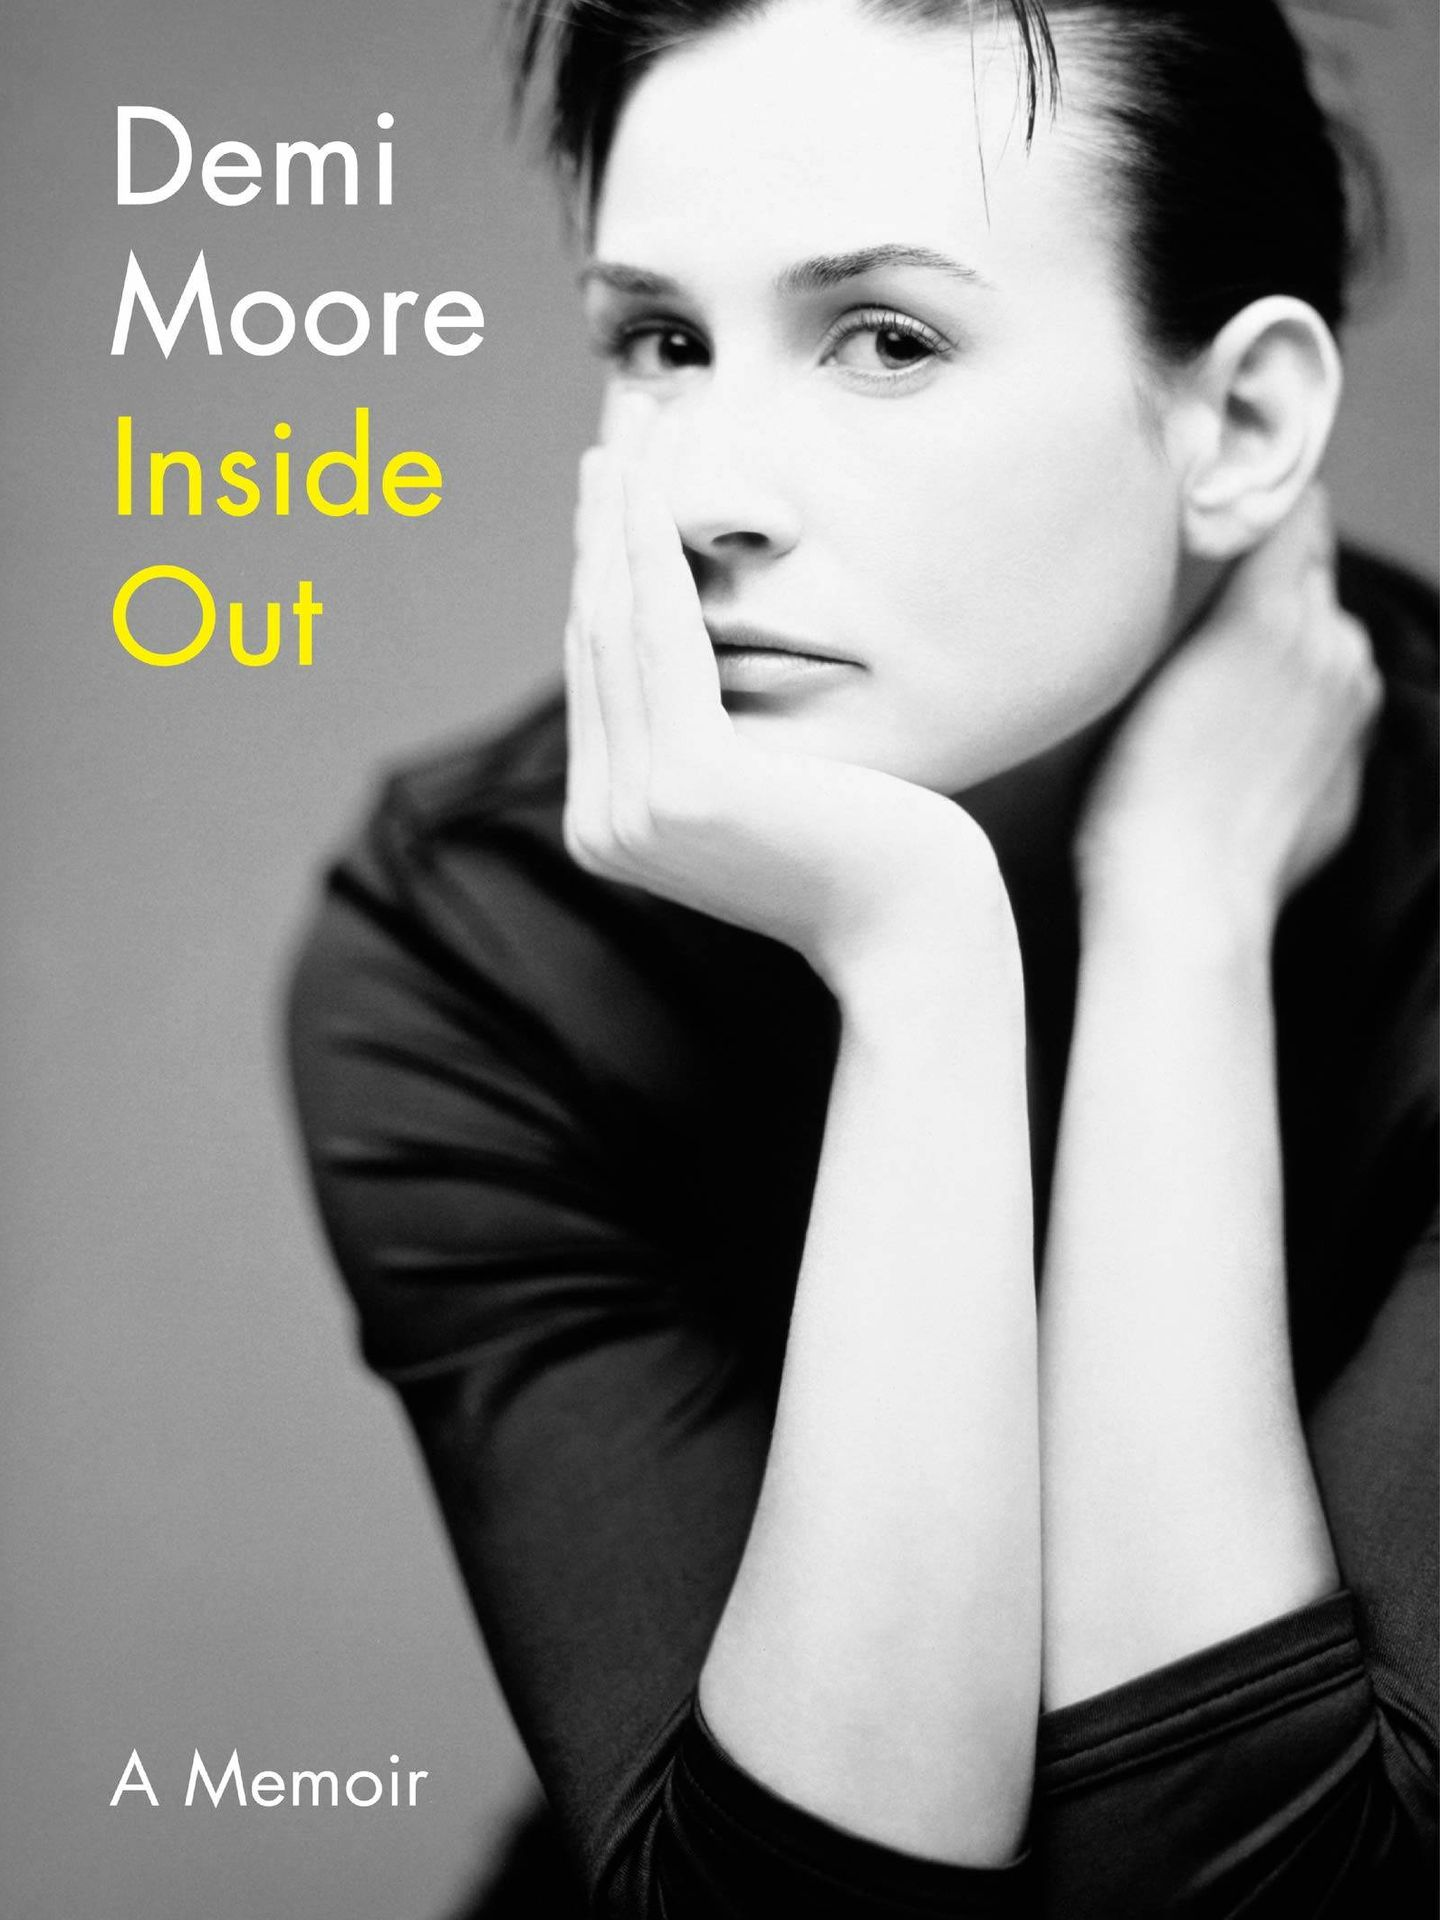 La portada de la autobiografía de Demi Moore.